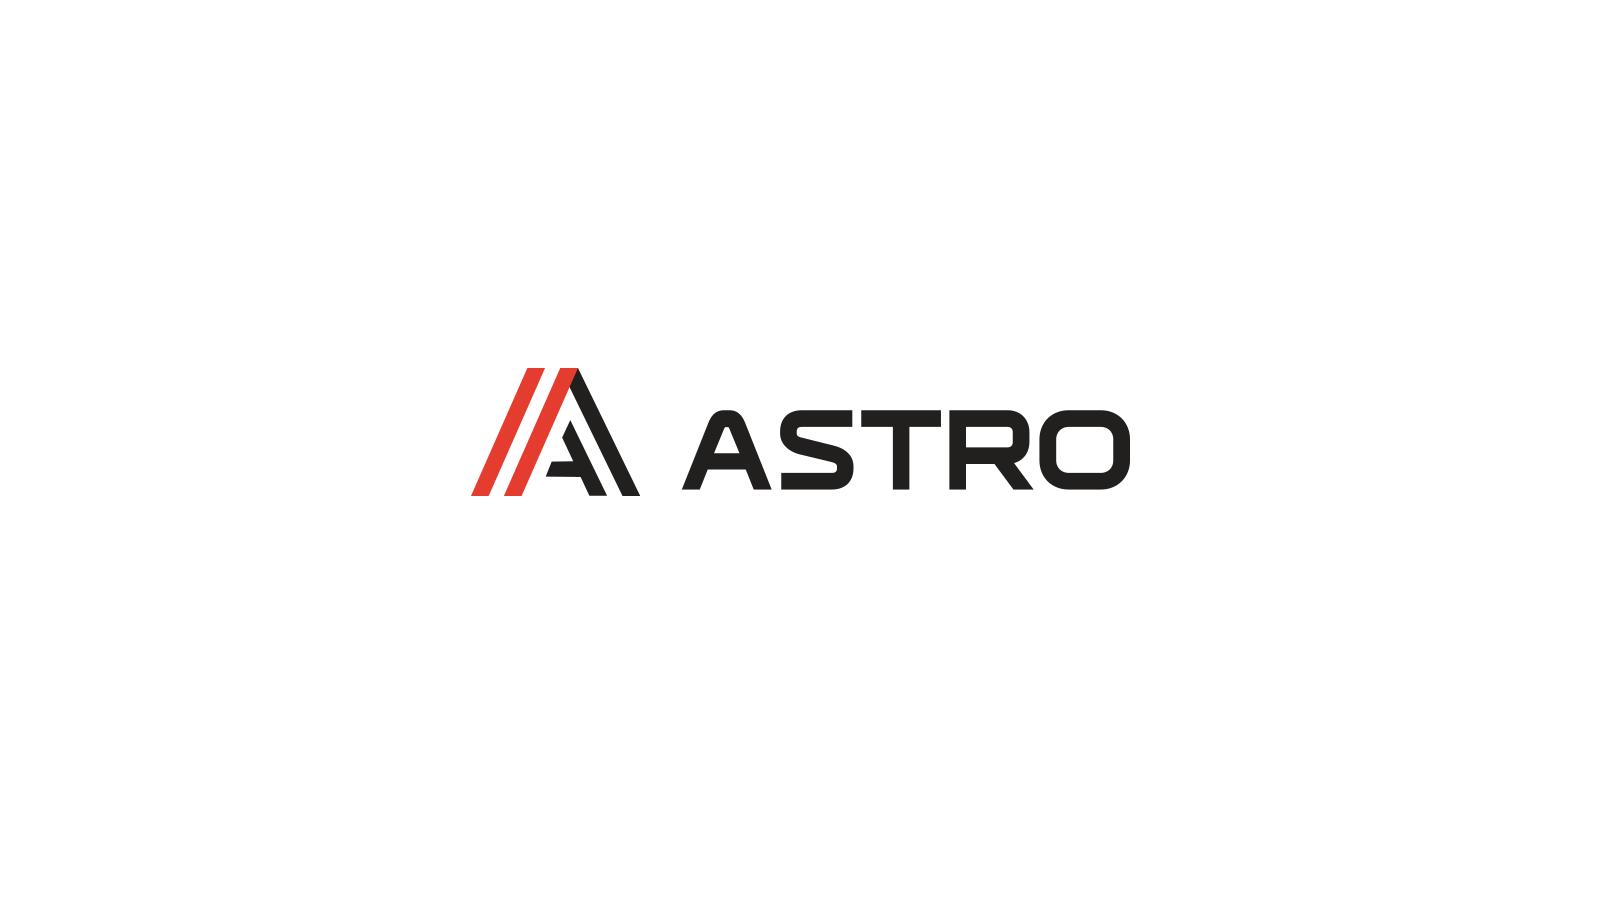 logos beyondigital